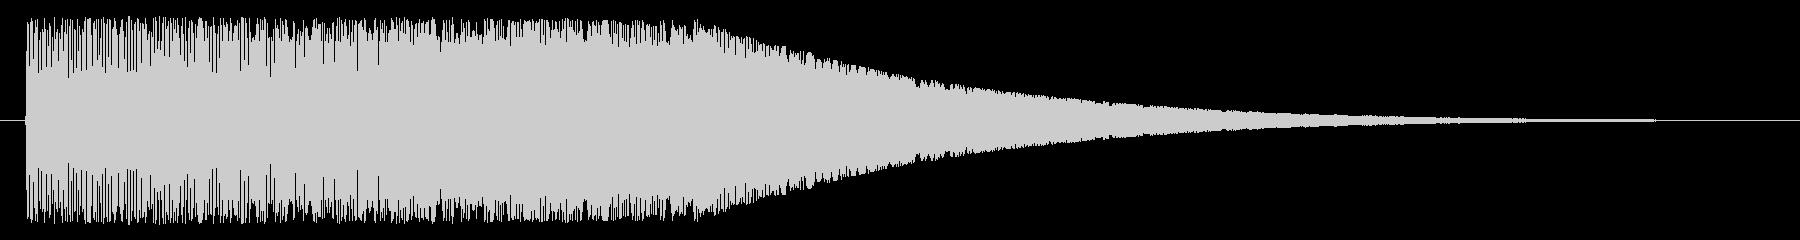 上昇/パワーアップ/強化の未再生の波形